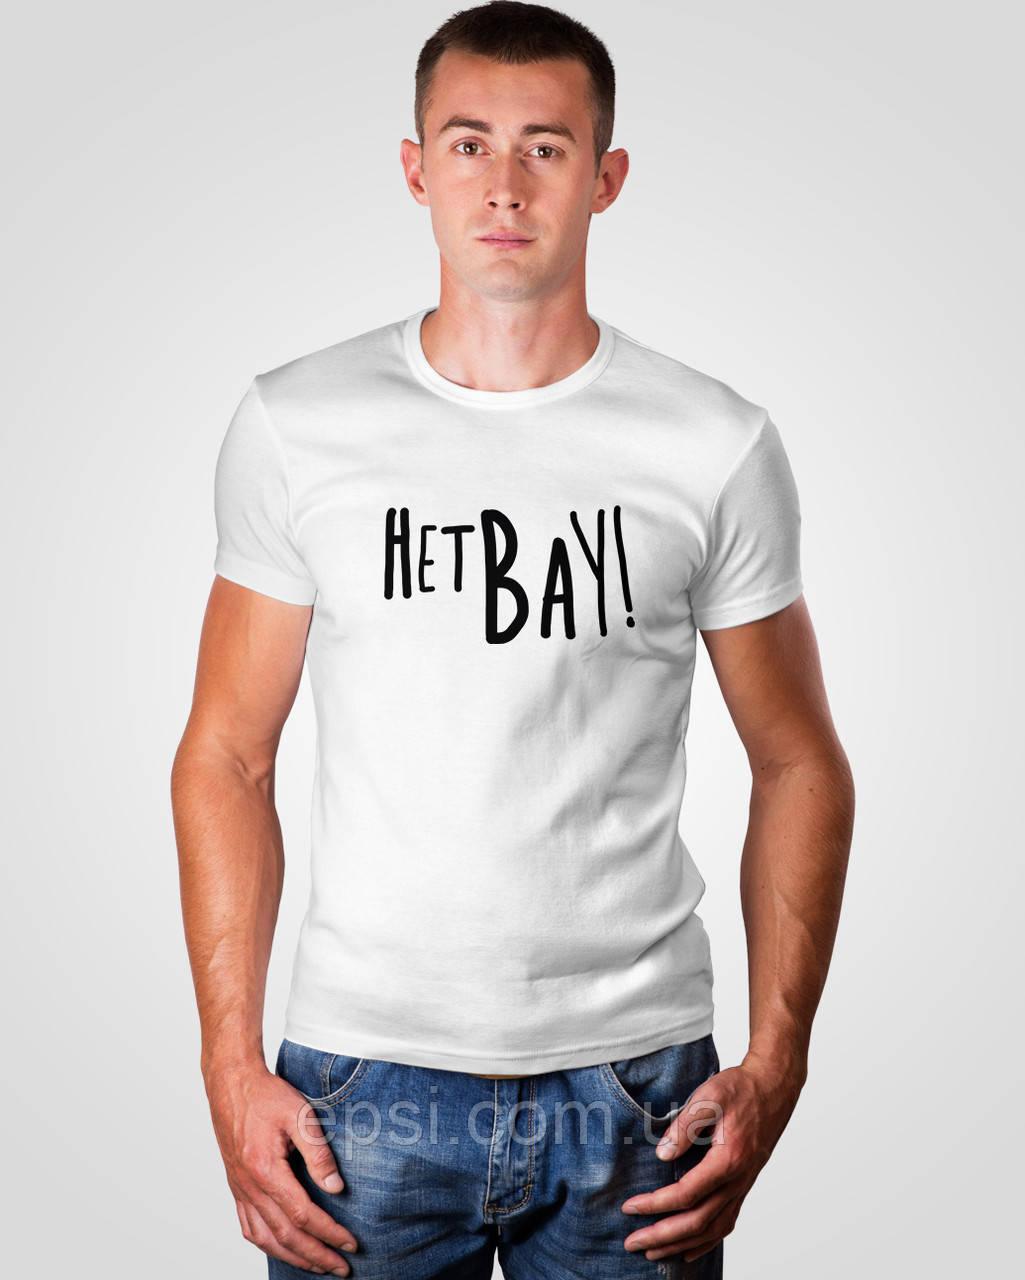 Футболка чоловіча з принтом Malta 18М063-17-П Вау XL Біла (2901000156934)